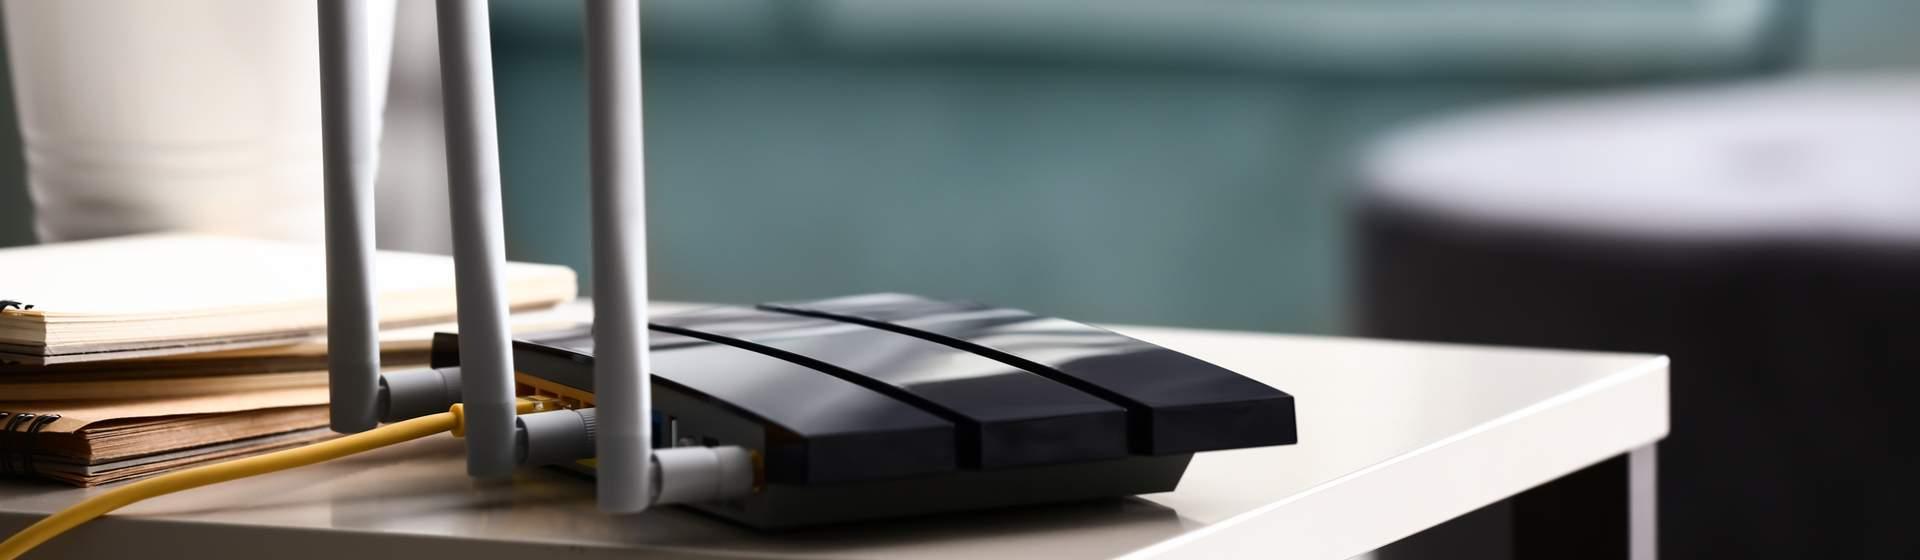 Roteador Gigabit: veja 6 modelos e entenda as vantagens do padrão